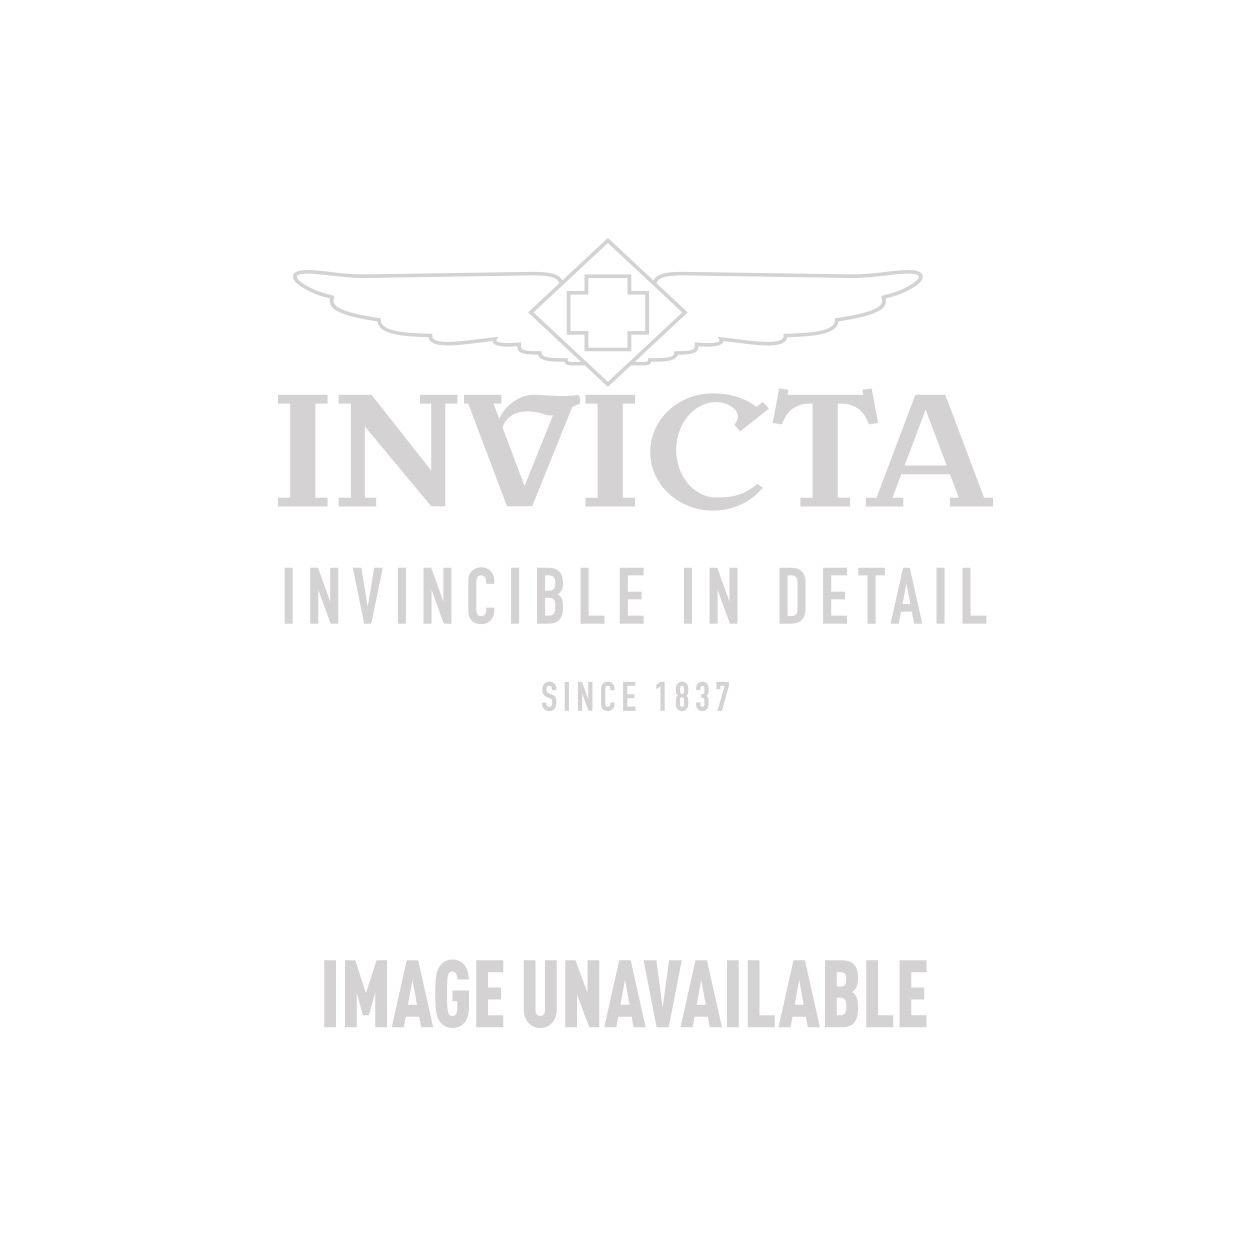 Invicta Model 25236